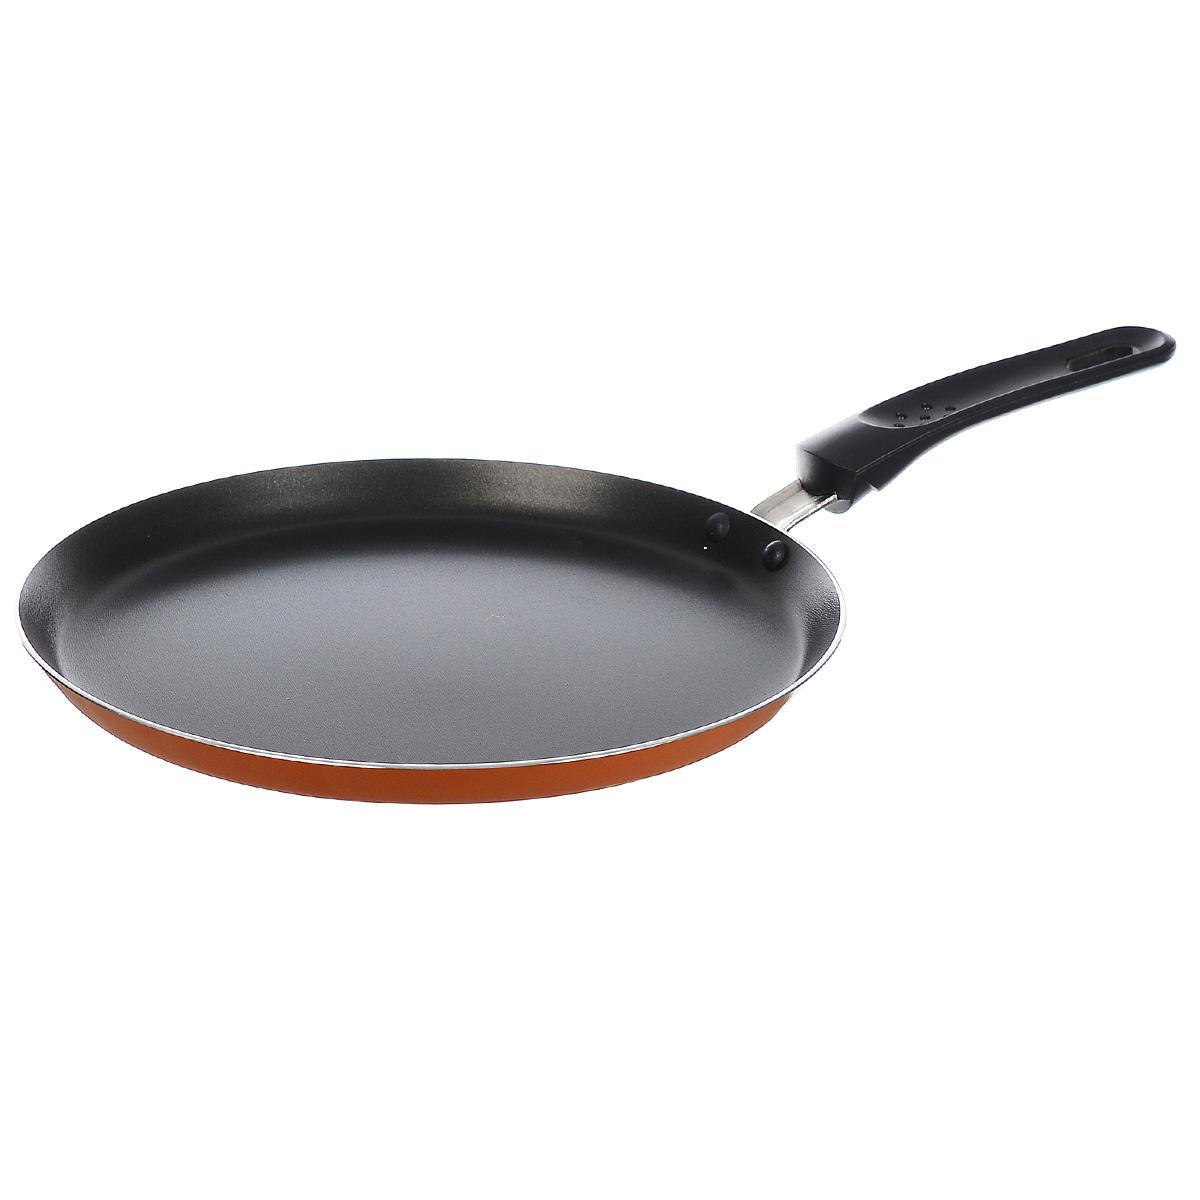 Сковорода блинная Miolla, с антипригарным покрытием, цвет: черный, оранжевый. Диаметр 25 см1007095UСковорода Miolla изготовлена из высококачественного алюминия. Антипригарное покрытие обеспечивает быстрый и равномерный нагрев. Кроме того, с таким покрытием пища не пригорает и не прилипает к стенкам, поэтому можно готовить с минимальным добавлением масла и жиров. Комфортная ручка из термостойкого бакелита предотвращает выскальзывание, даже если у вас мокрые руки. Внешнее покрытие очень прочное, обладает высокой термостойкостью, легко моется. Можно мыть в посудомоечной машине. Не подходит для СВЧ-печей. Диаметр (по верхнему краю): 25 см. Высота стенки: 2 см. Толщина стенки: 2 мм. Толщина дна: 3 мм. Длина ручки: 17,5 см.